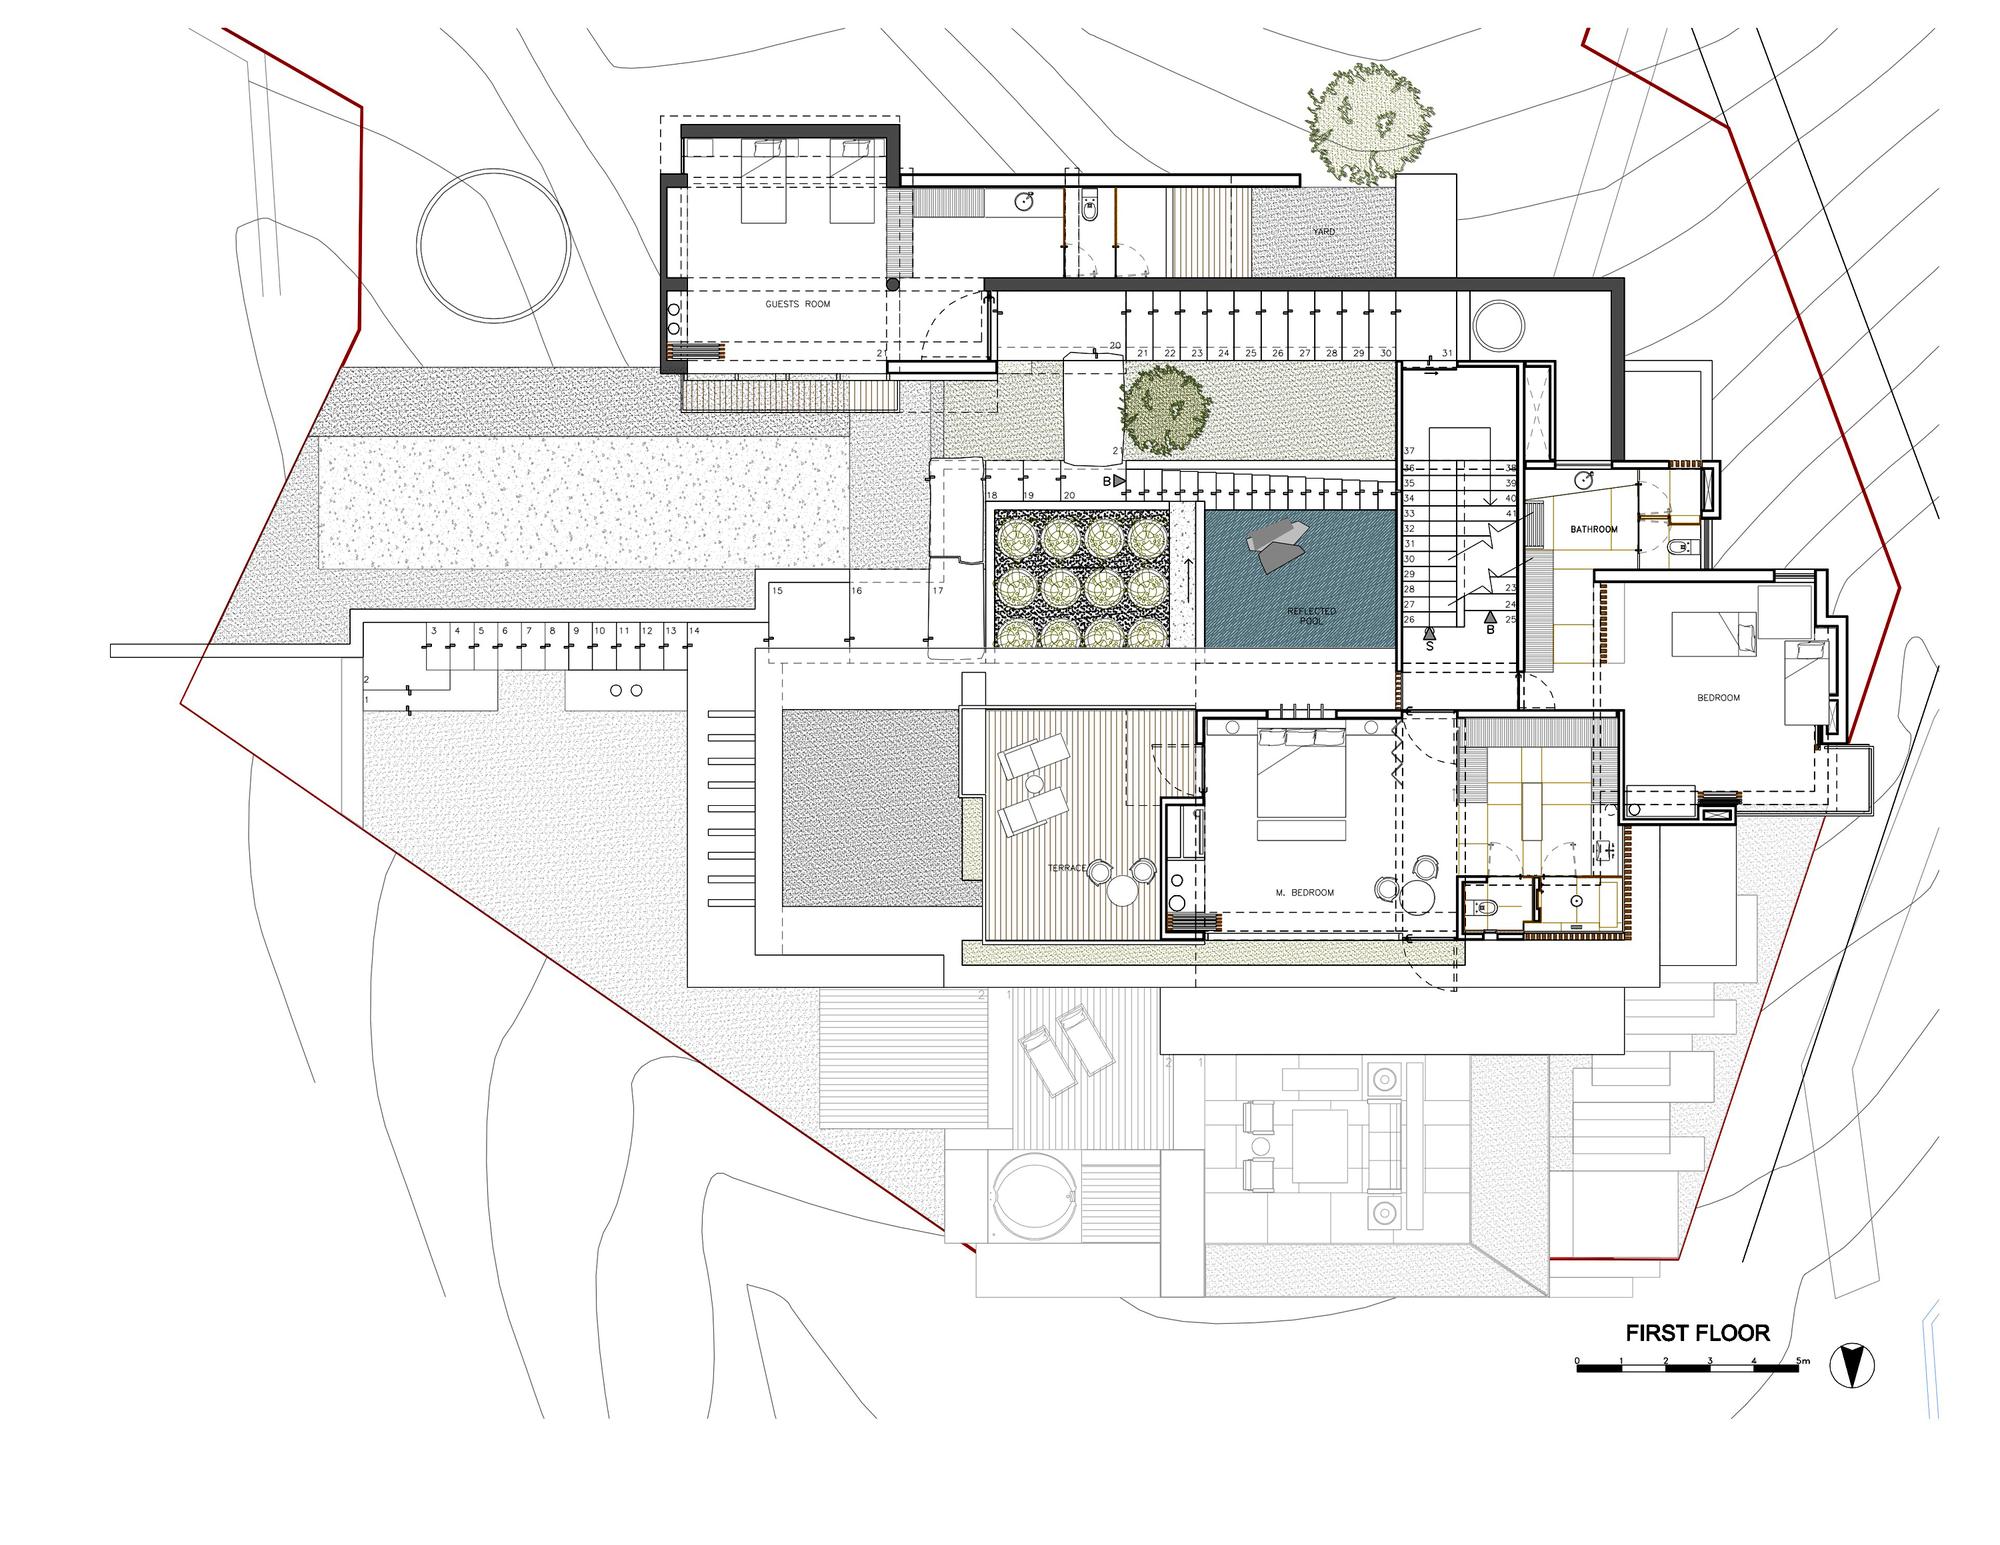 530eba40c07a80ed3b00015a_house-maza-chk-arquitectura_first_floor